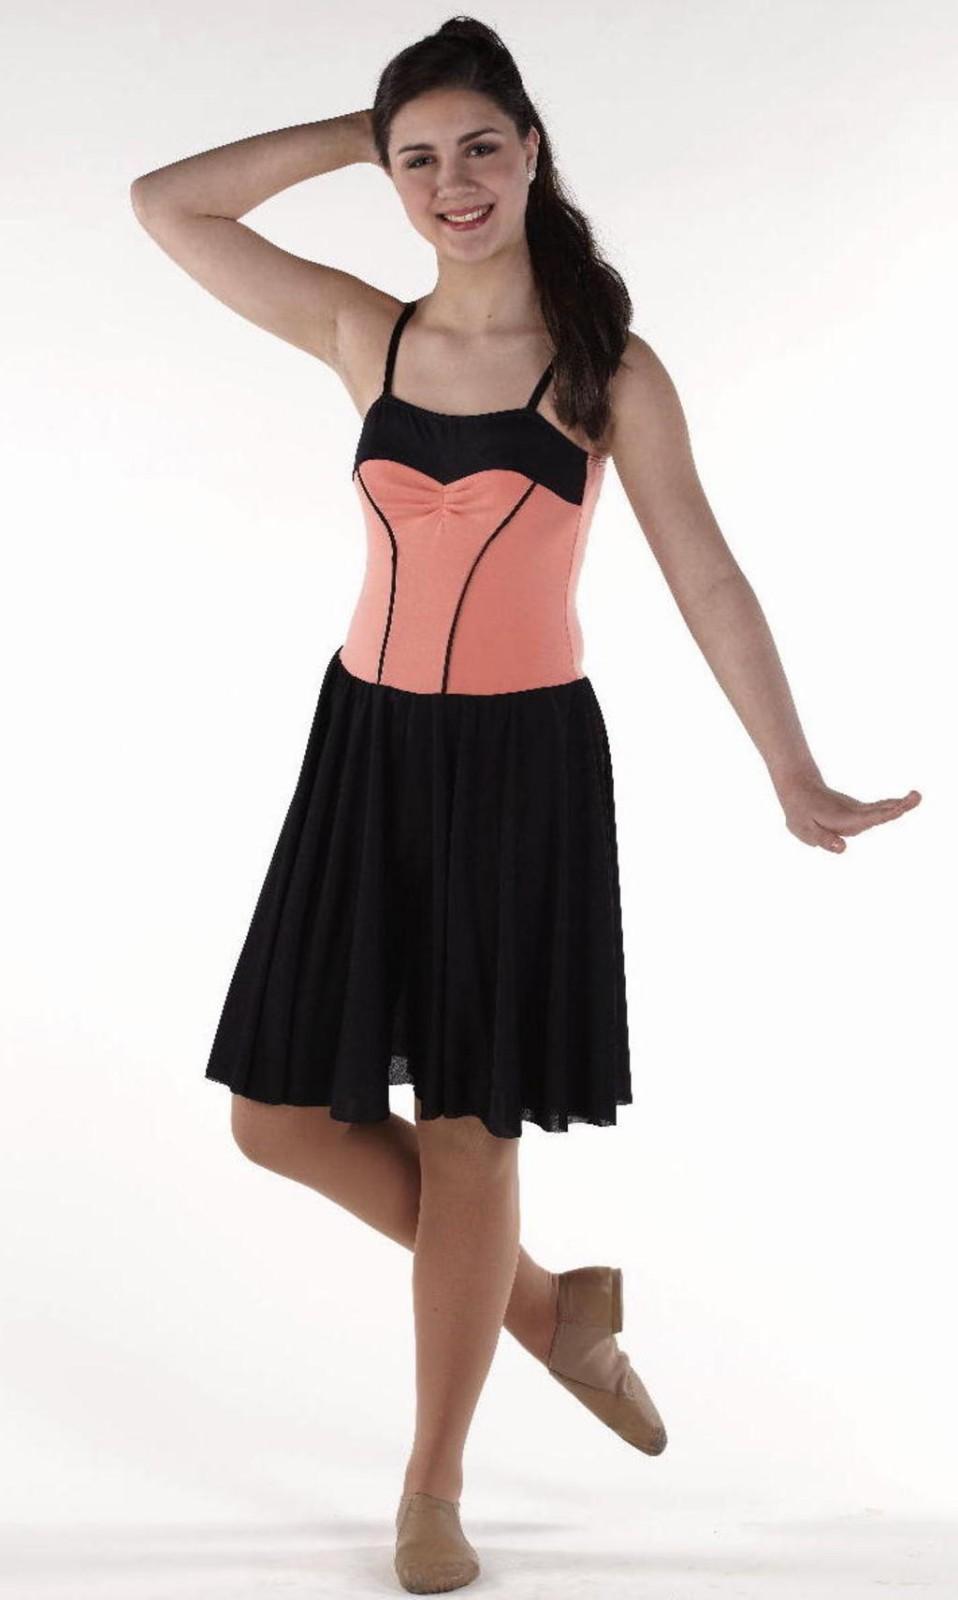 Vignette Coral Black Lyrical Ballet Dress Dance Costume ...